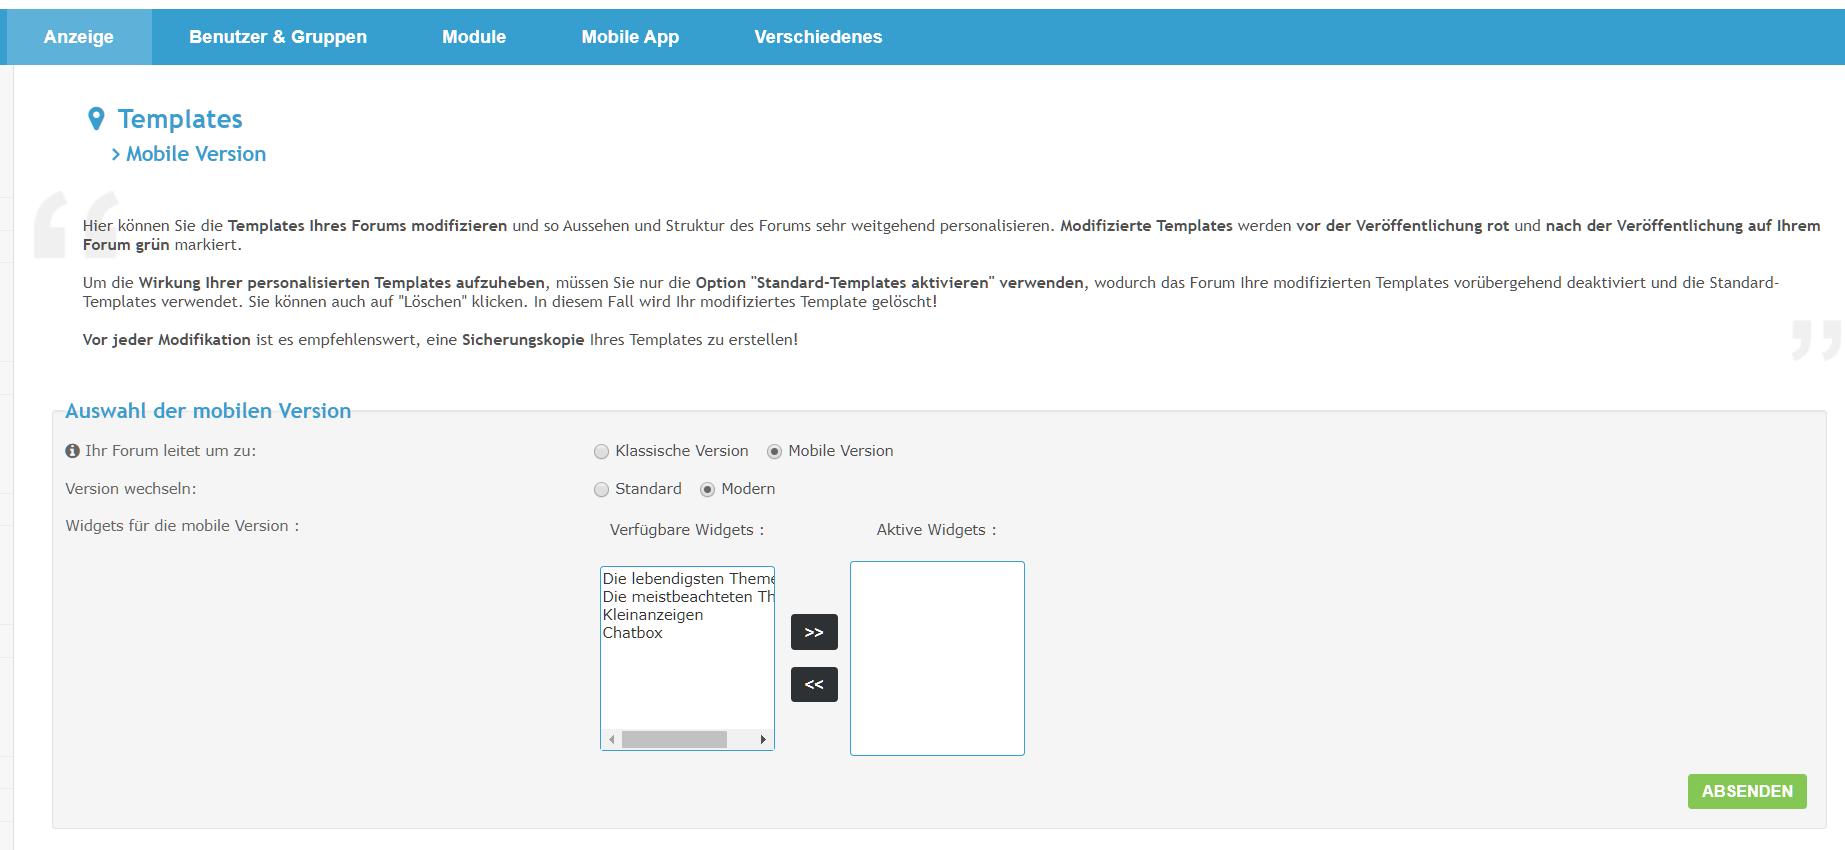 [Neue Funktion] Module sind jetzt für die moderne mobile Version verfügbar Unbena14